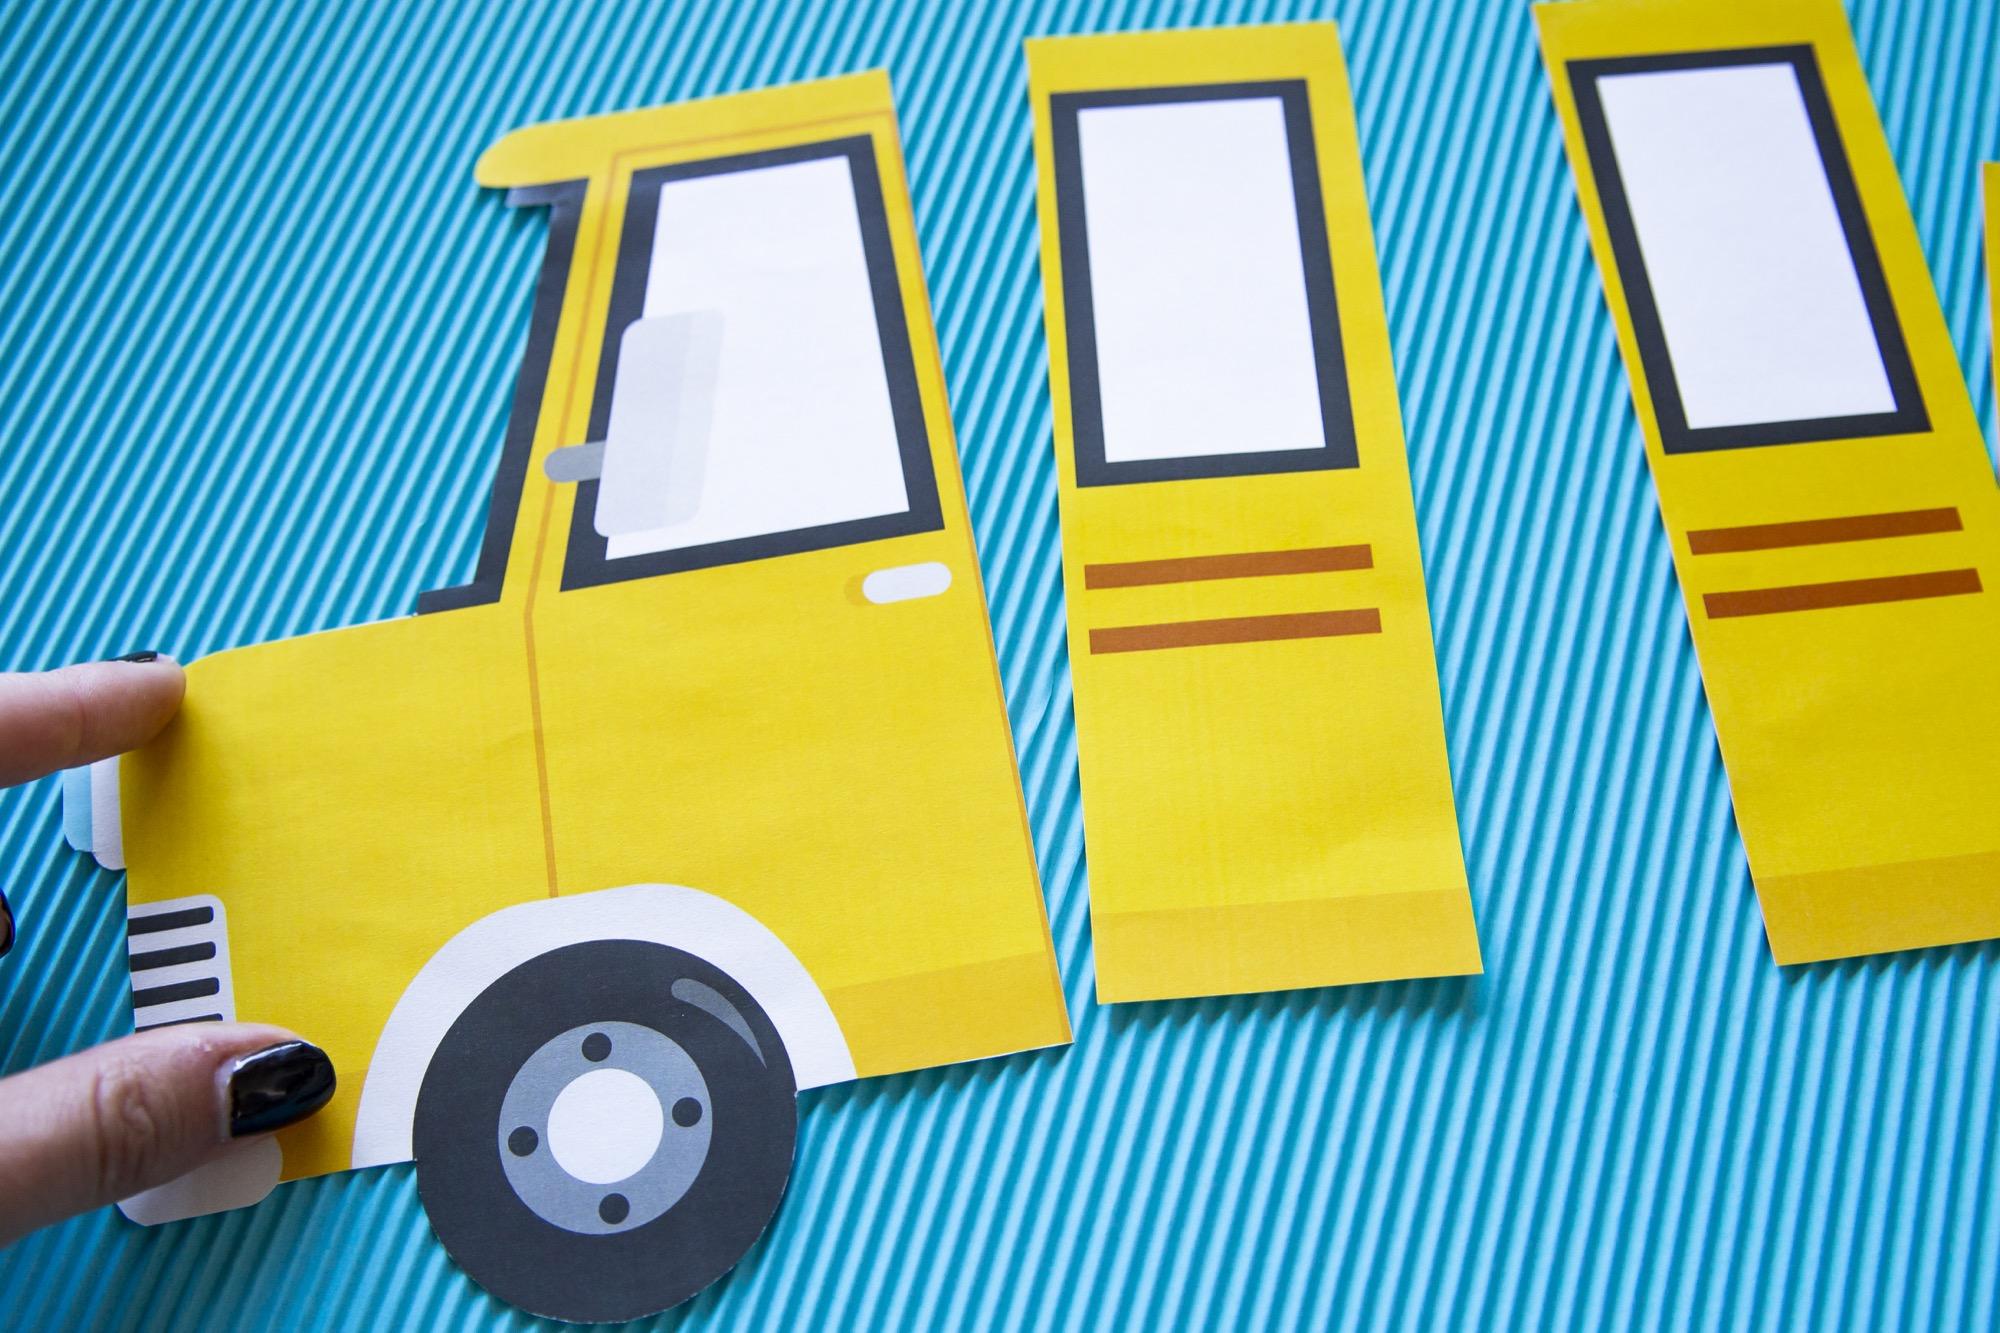 Fiche prénom bus scolaire - étape 6